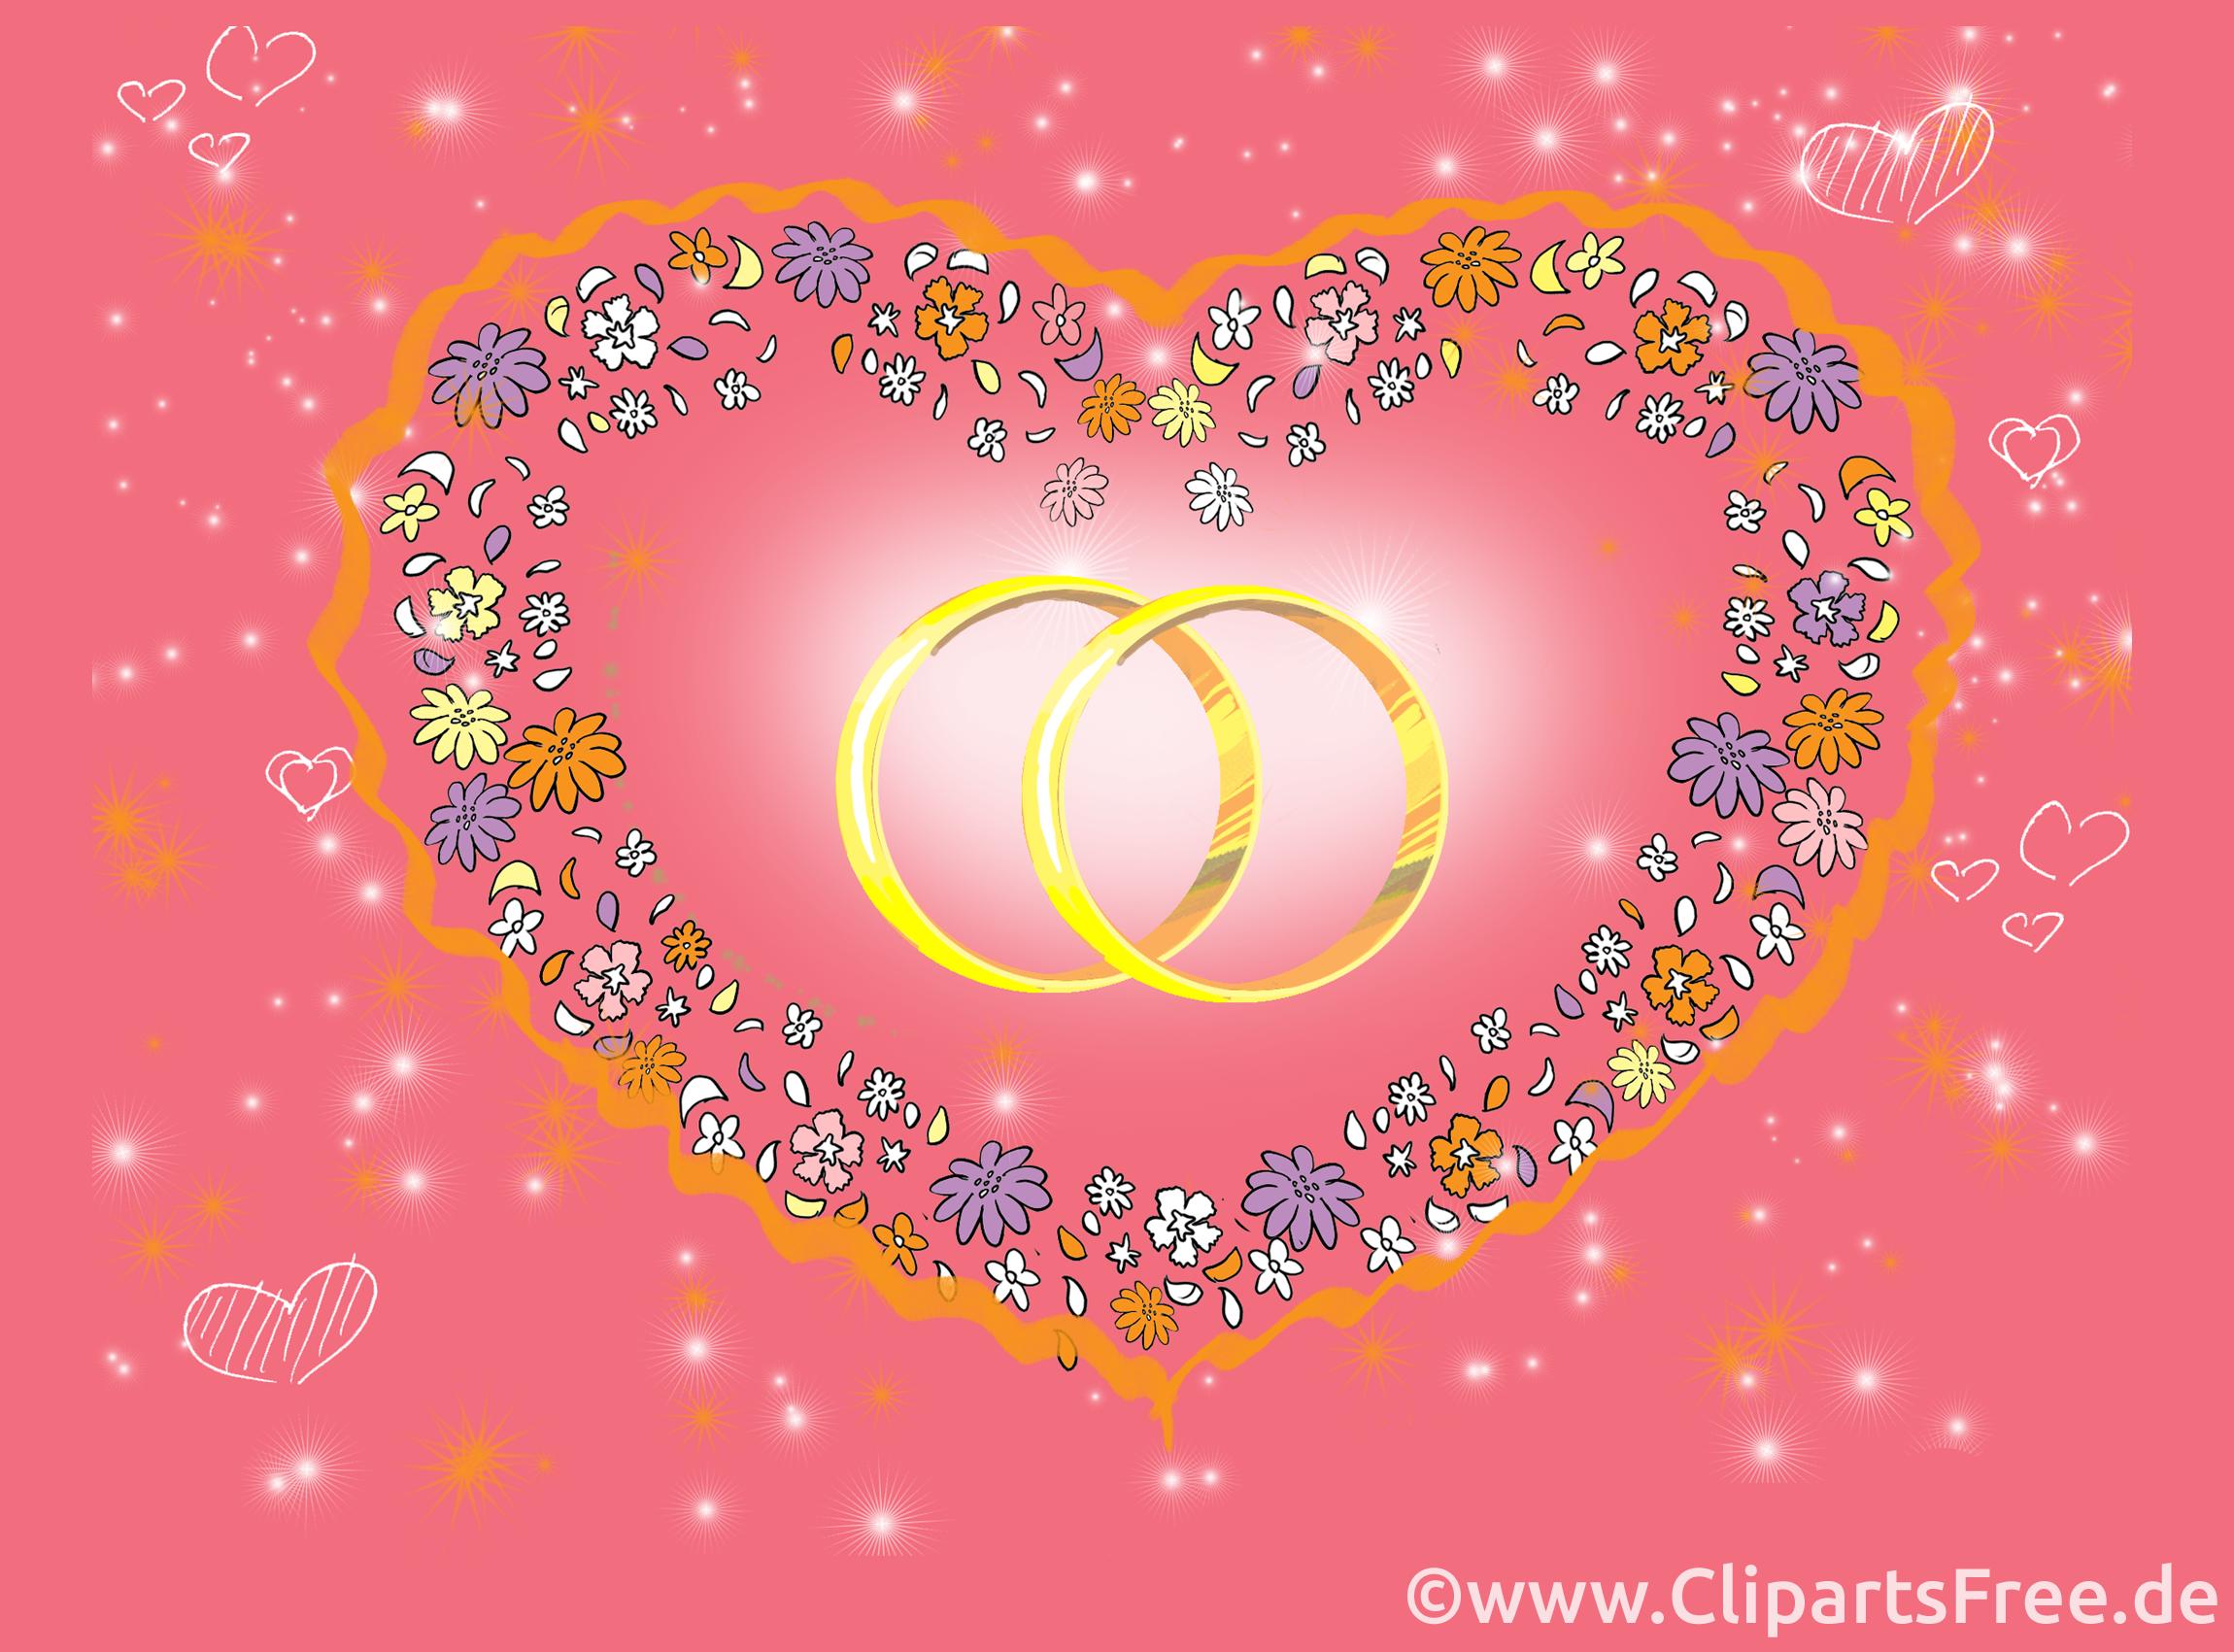 Coeur images gratuites – Mariage clipart